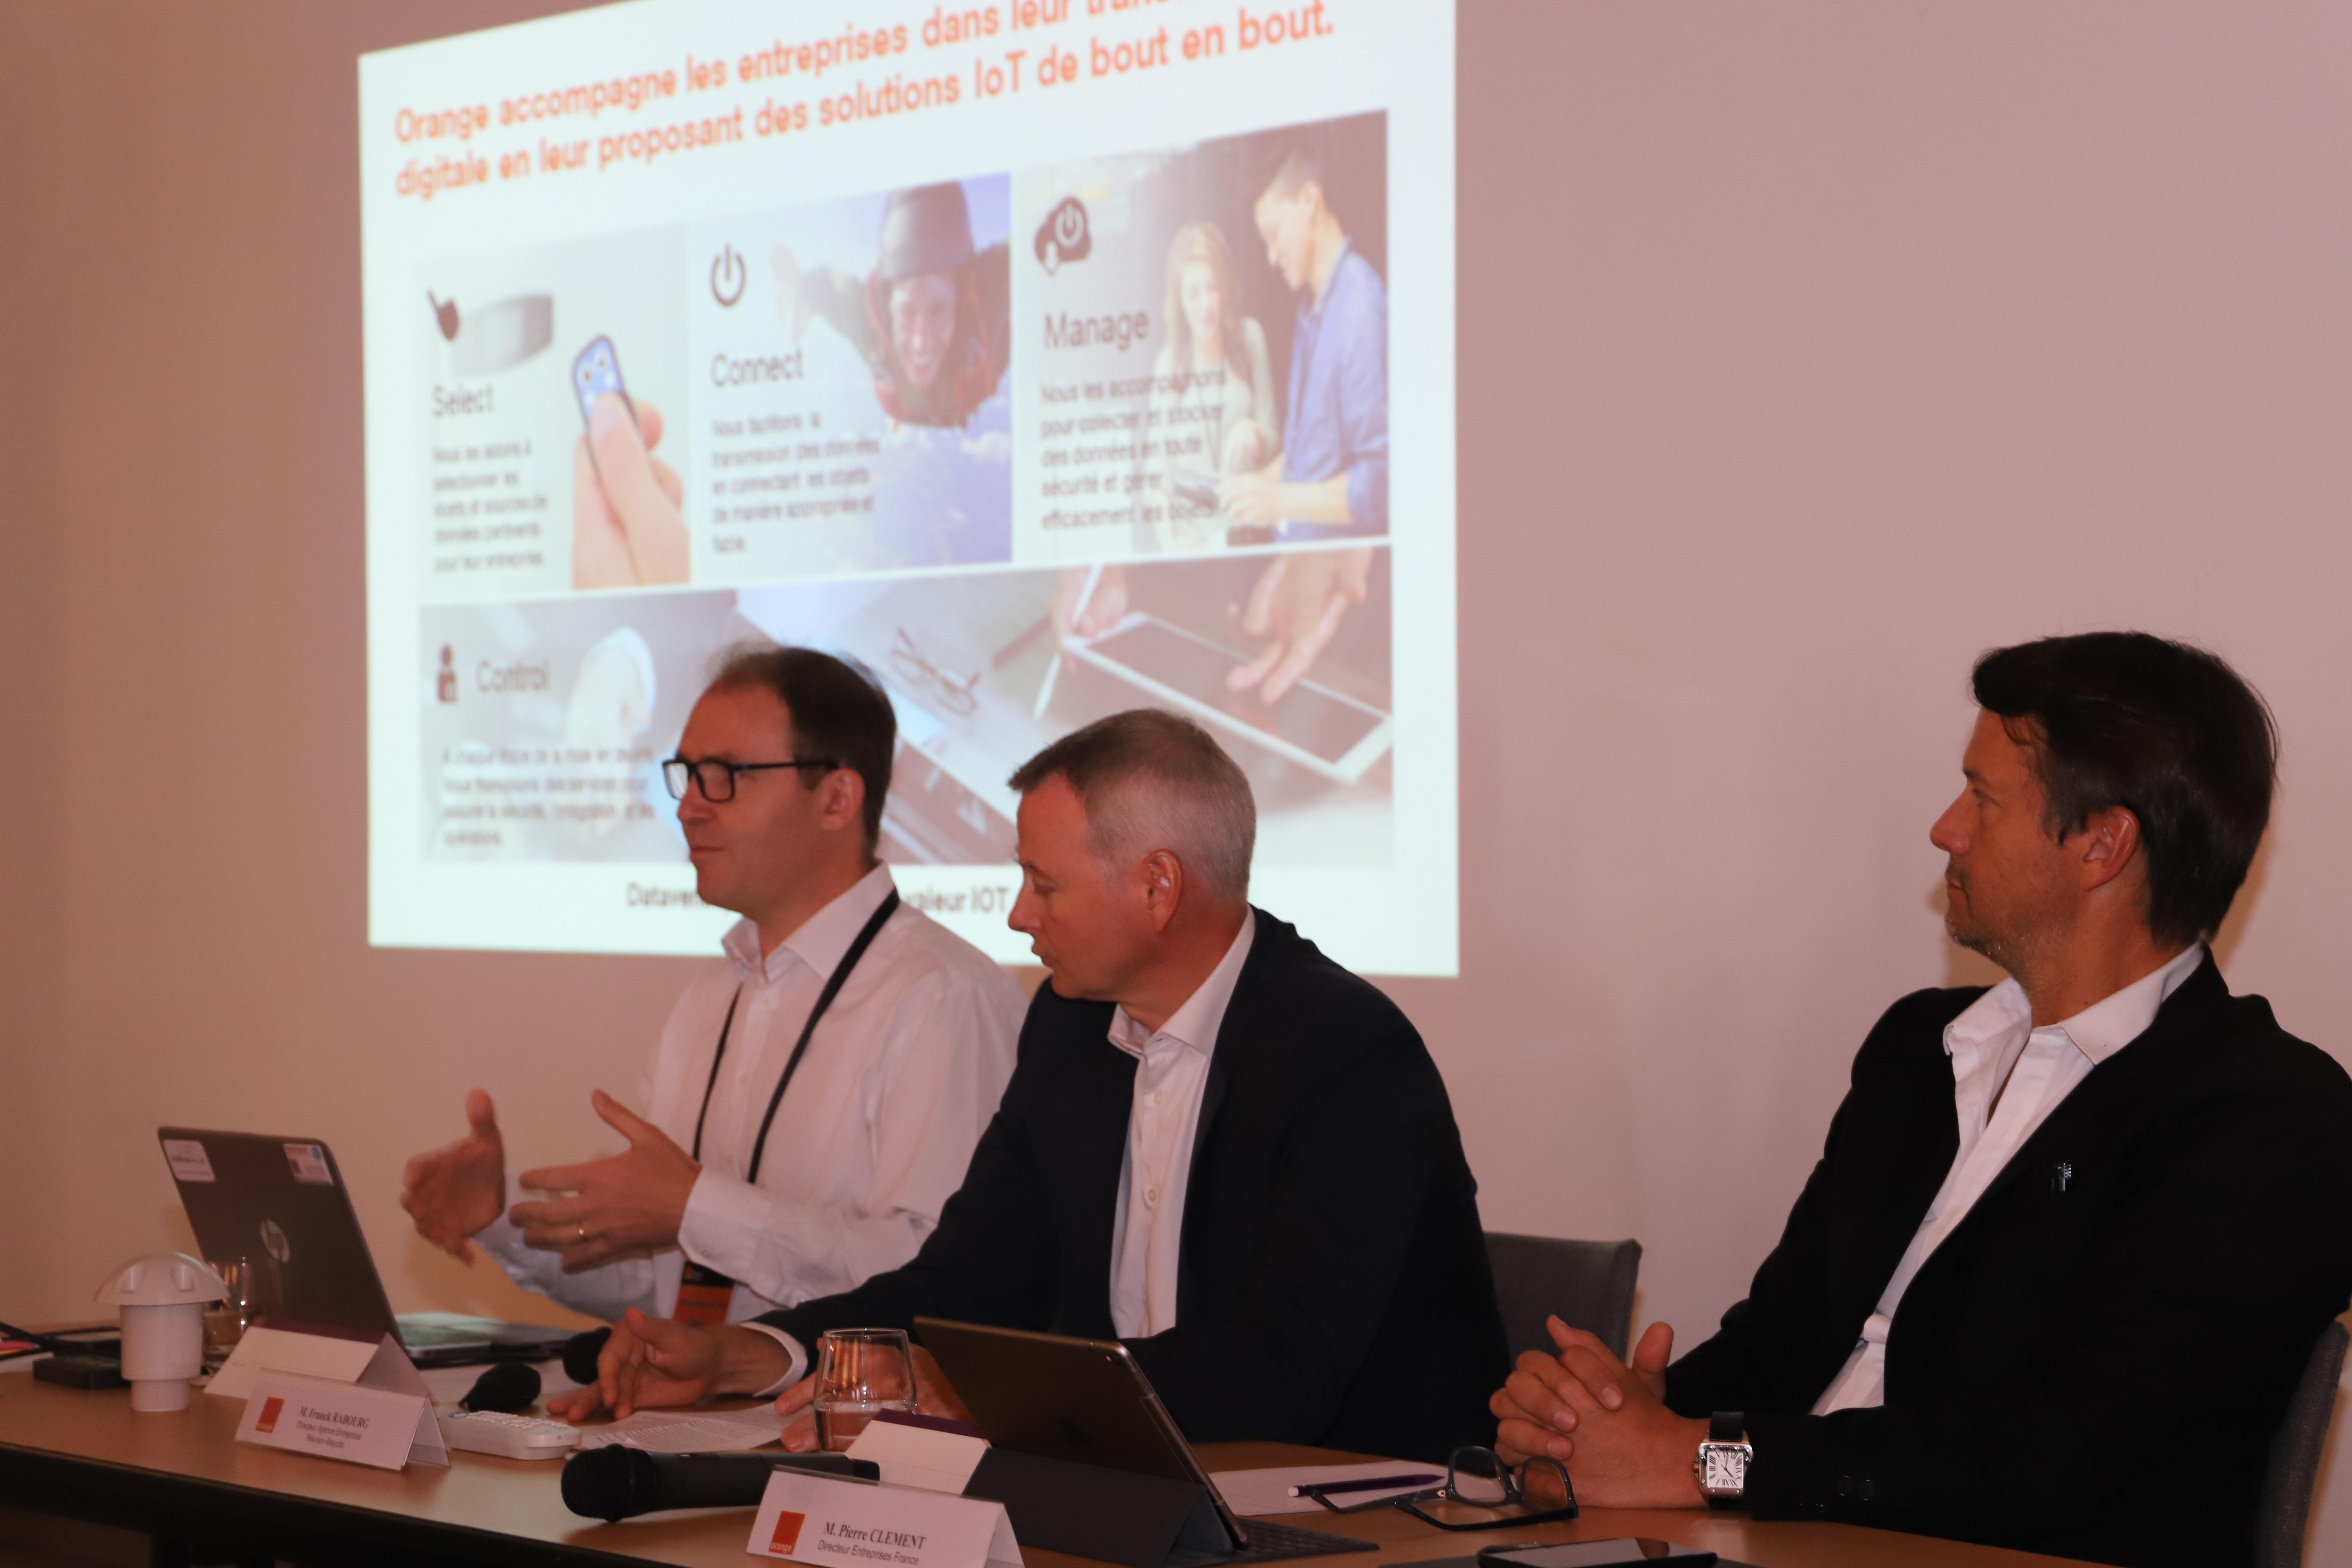 Sur la photo (De gauche à droite): Grégoire De Changy (Responsable Marketing Solutions IOT France), Franck Rabourg (Directeur Agence Entreprise Réunion-Mayotte) et Pierre Clément (Directeur entreprise France)